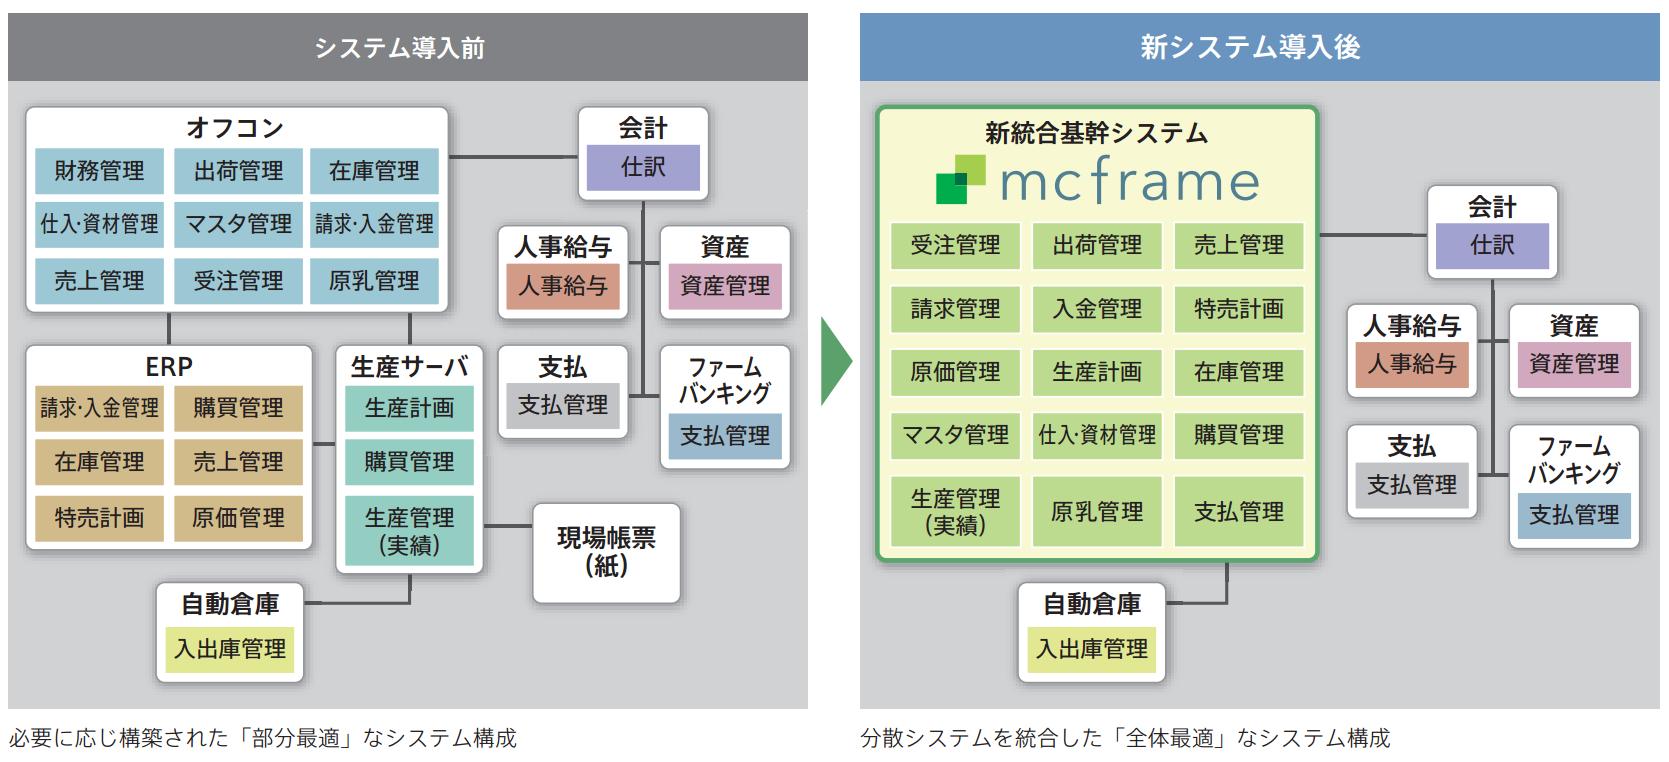 システム関連図